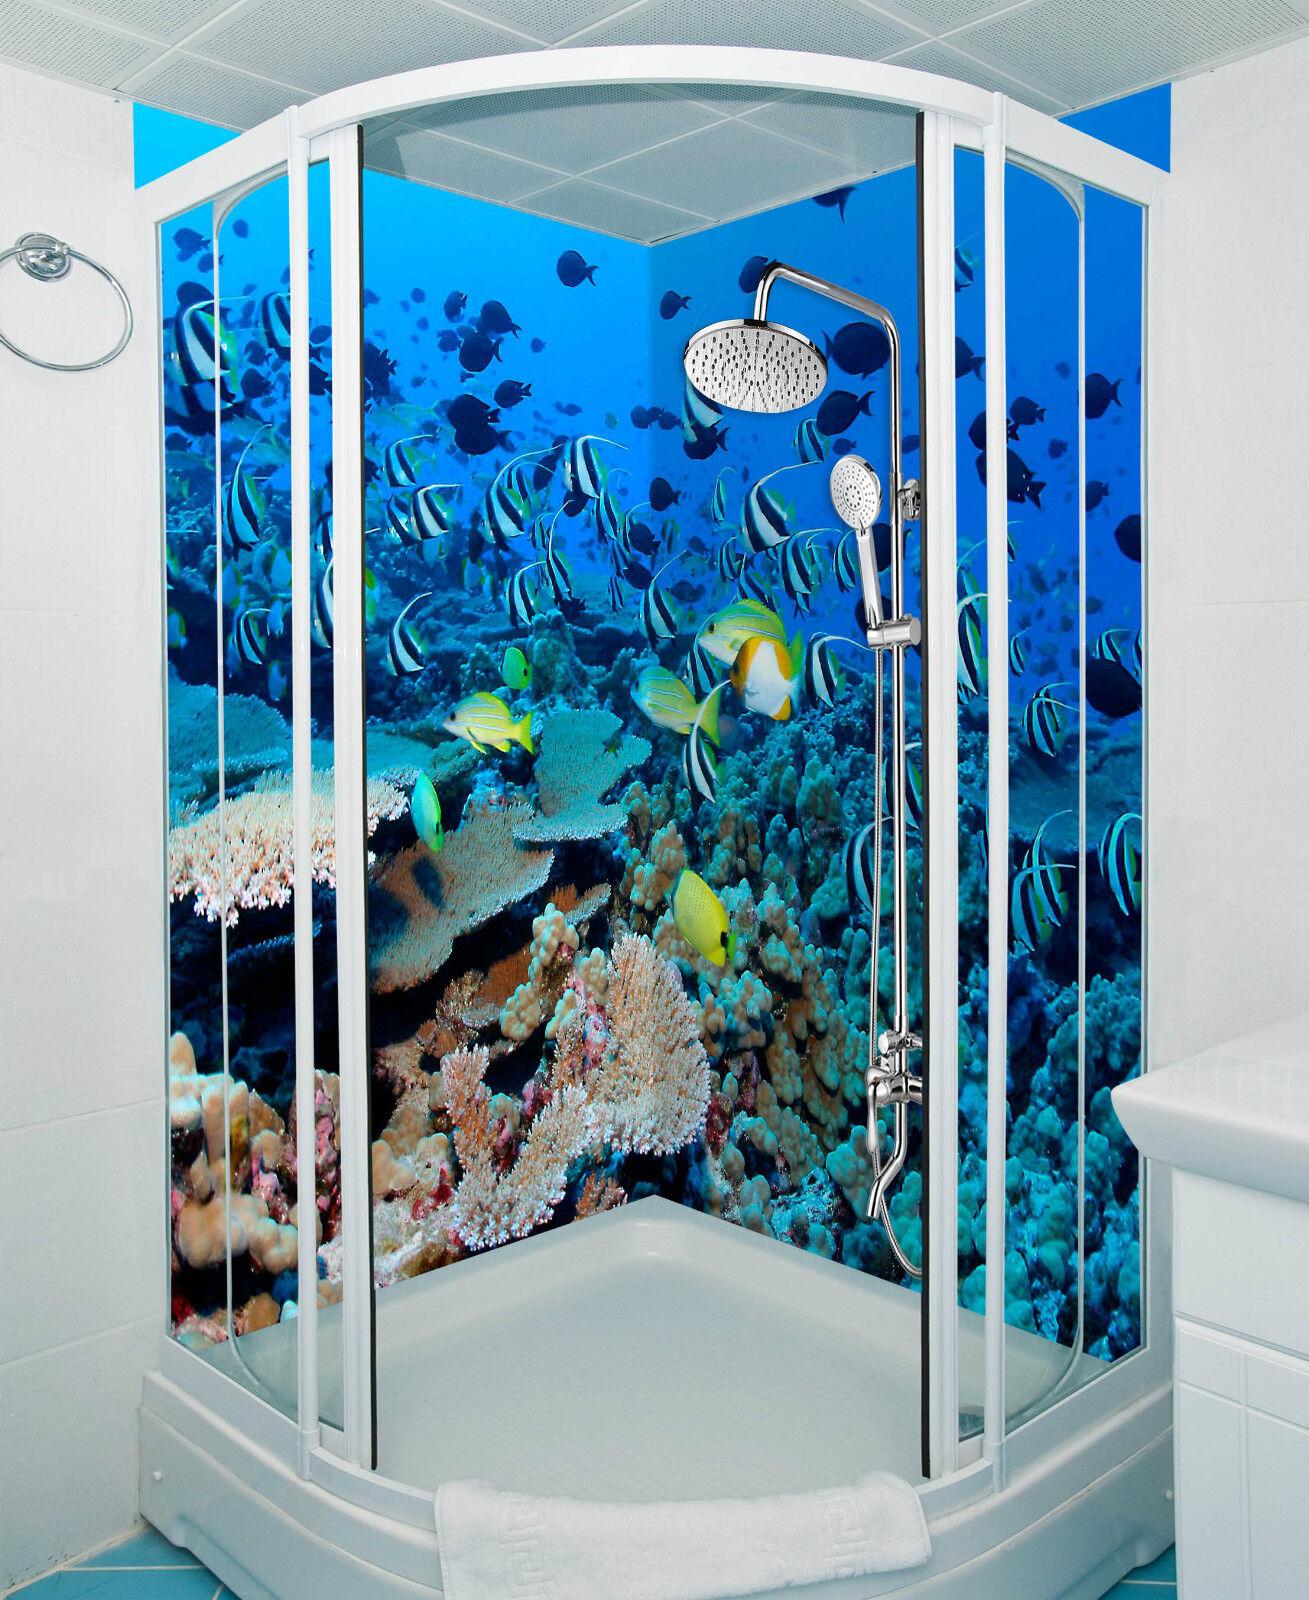 3D Sea Fishes Corals 21 WallPaper Bathroom Print Decal Wall Deco AJ WALLPAPER CA